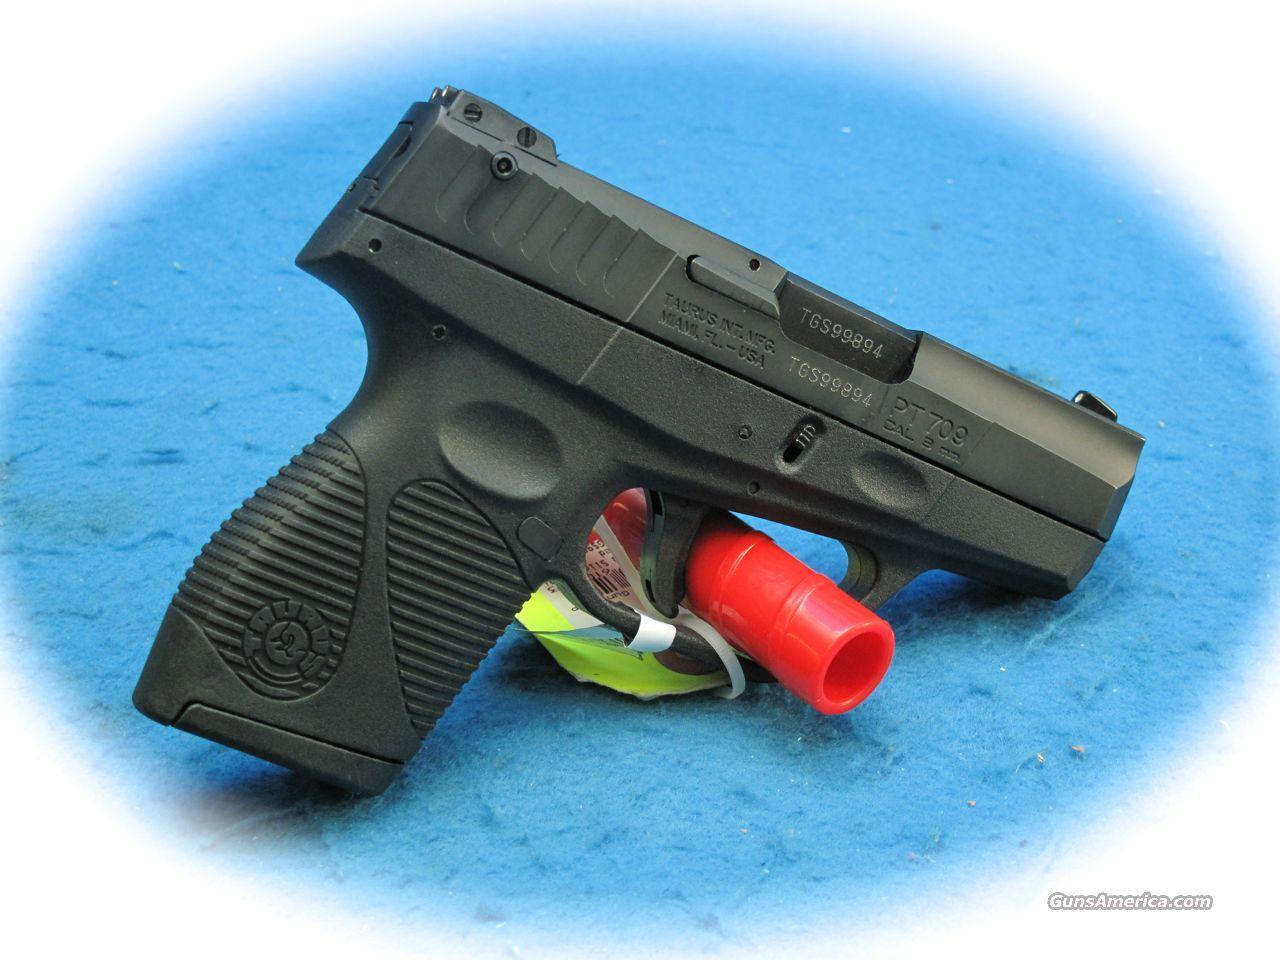 709 slim 9mm pistol - 709 Slim 9mm Pistol 26